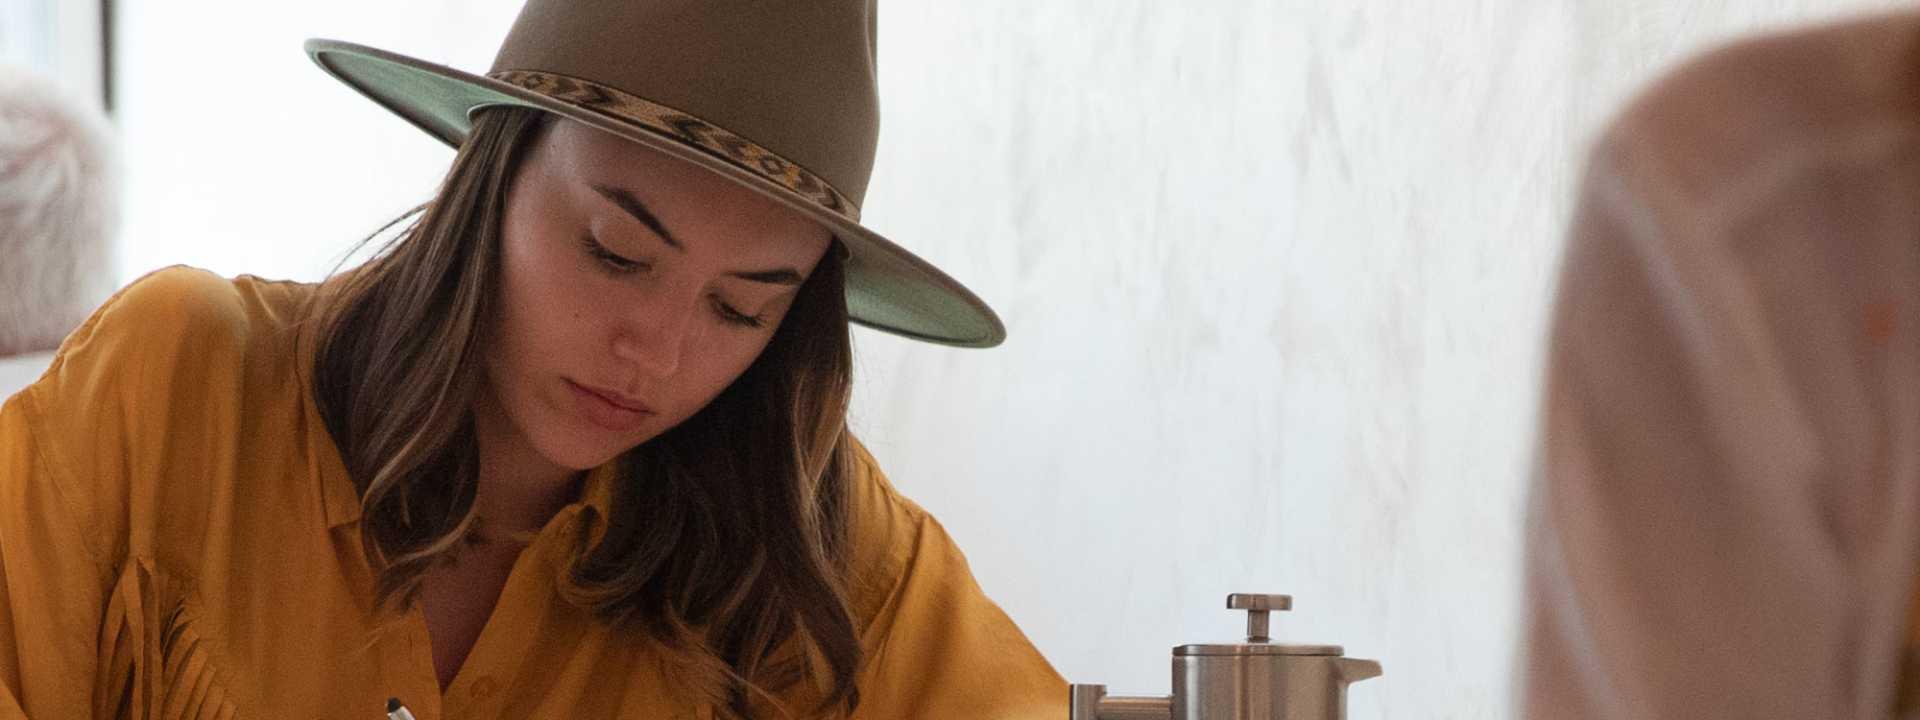 woman in coffee shop writing